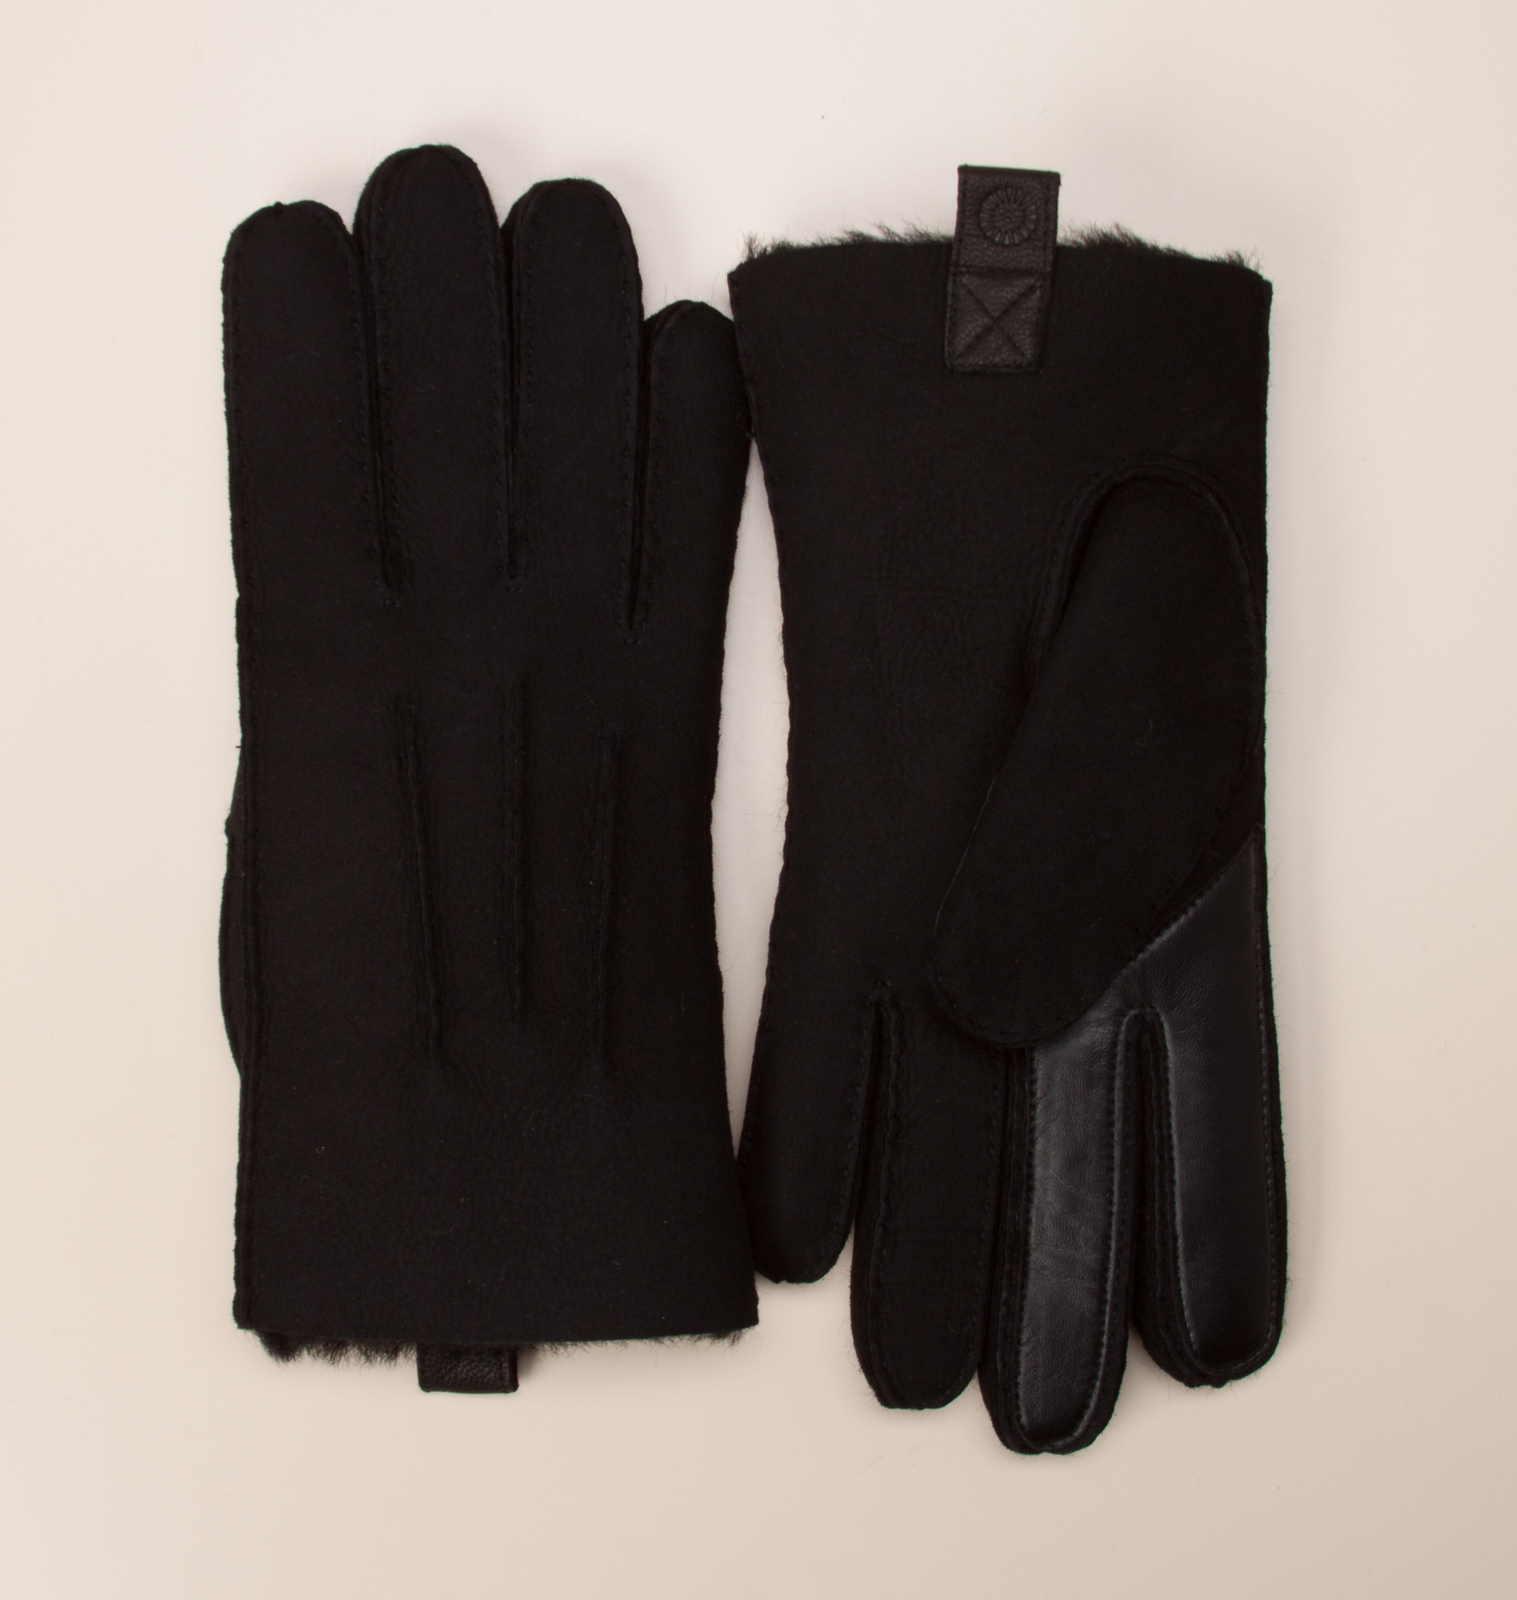 ugg herren acces herren handschuhe in schwarz kaufen. Black Bedroom Furniture Sets. Home Design Ideas